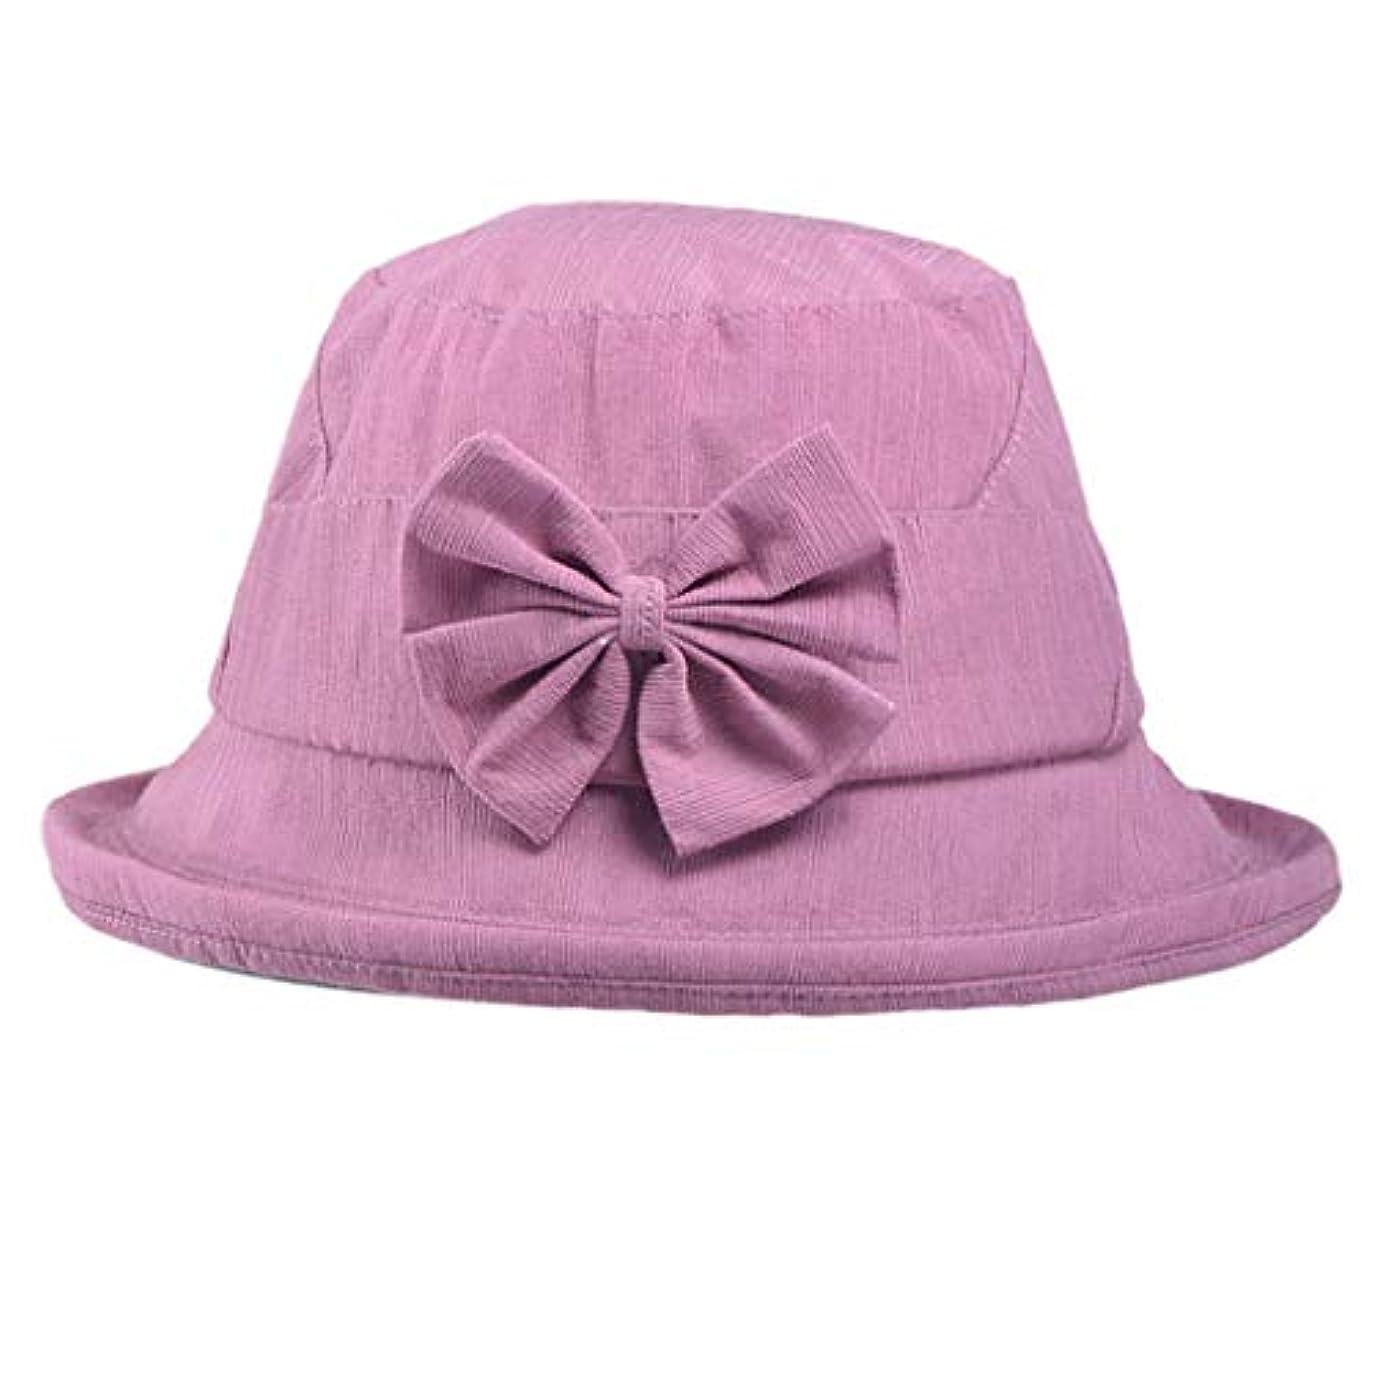 コストキュービック巨大なファッション小物 夏 帽子 レディース UVカット 帽子 アウトドア 夏 春 UVカット 帽子 蝶結び 漁師帽 日焼け防止 つば広 無地 ハット レディース 女性 紫外線対策 大きいサイズ 夏季 ビーチ ROSE ROMAN